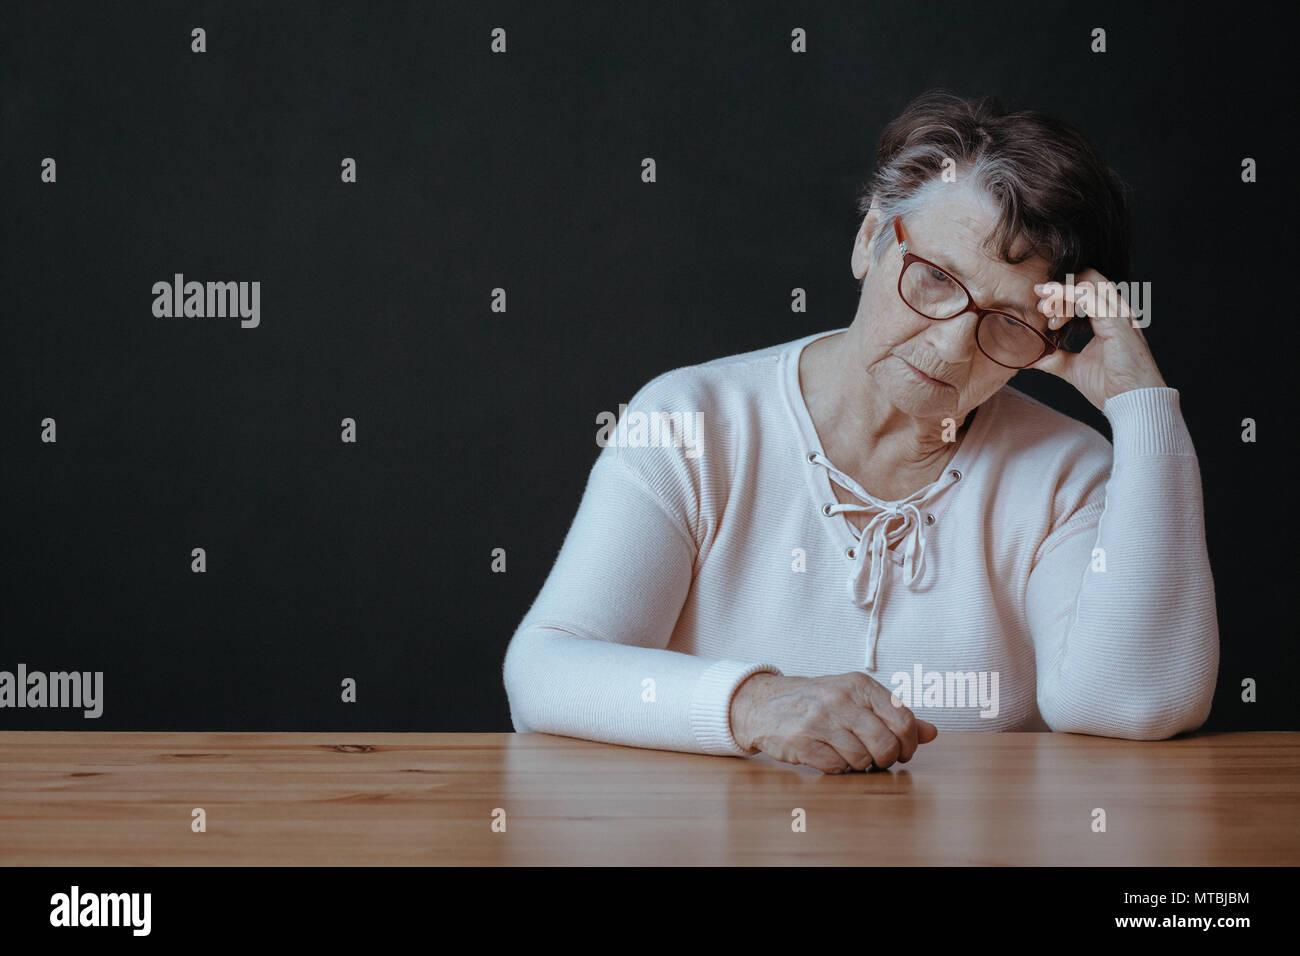 Triste, solitario altos mujer sentada al lado de la tabla Imagen De Stock